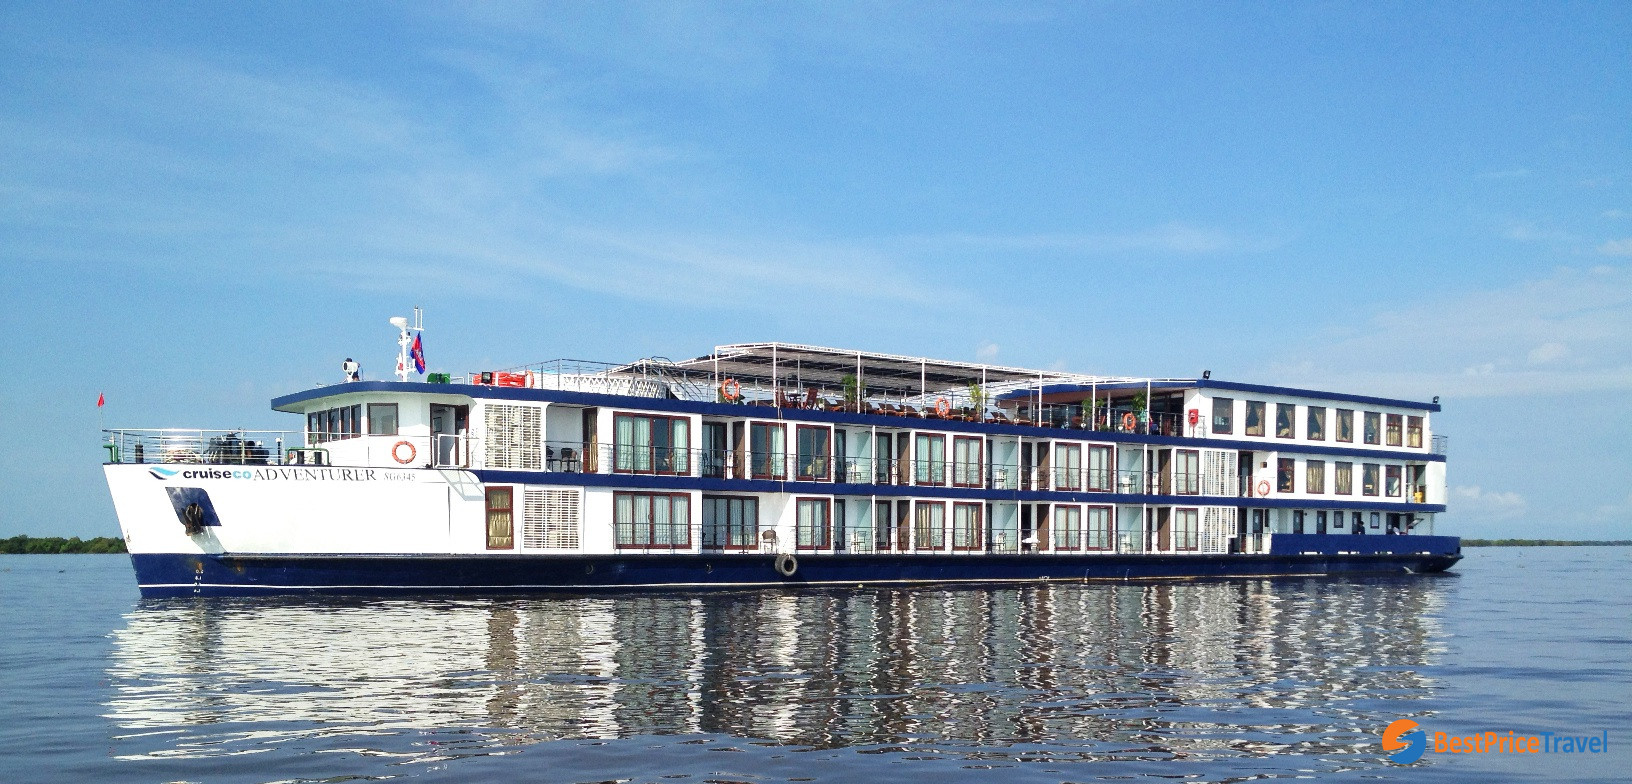 RV Mekong Prestige II Cruise